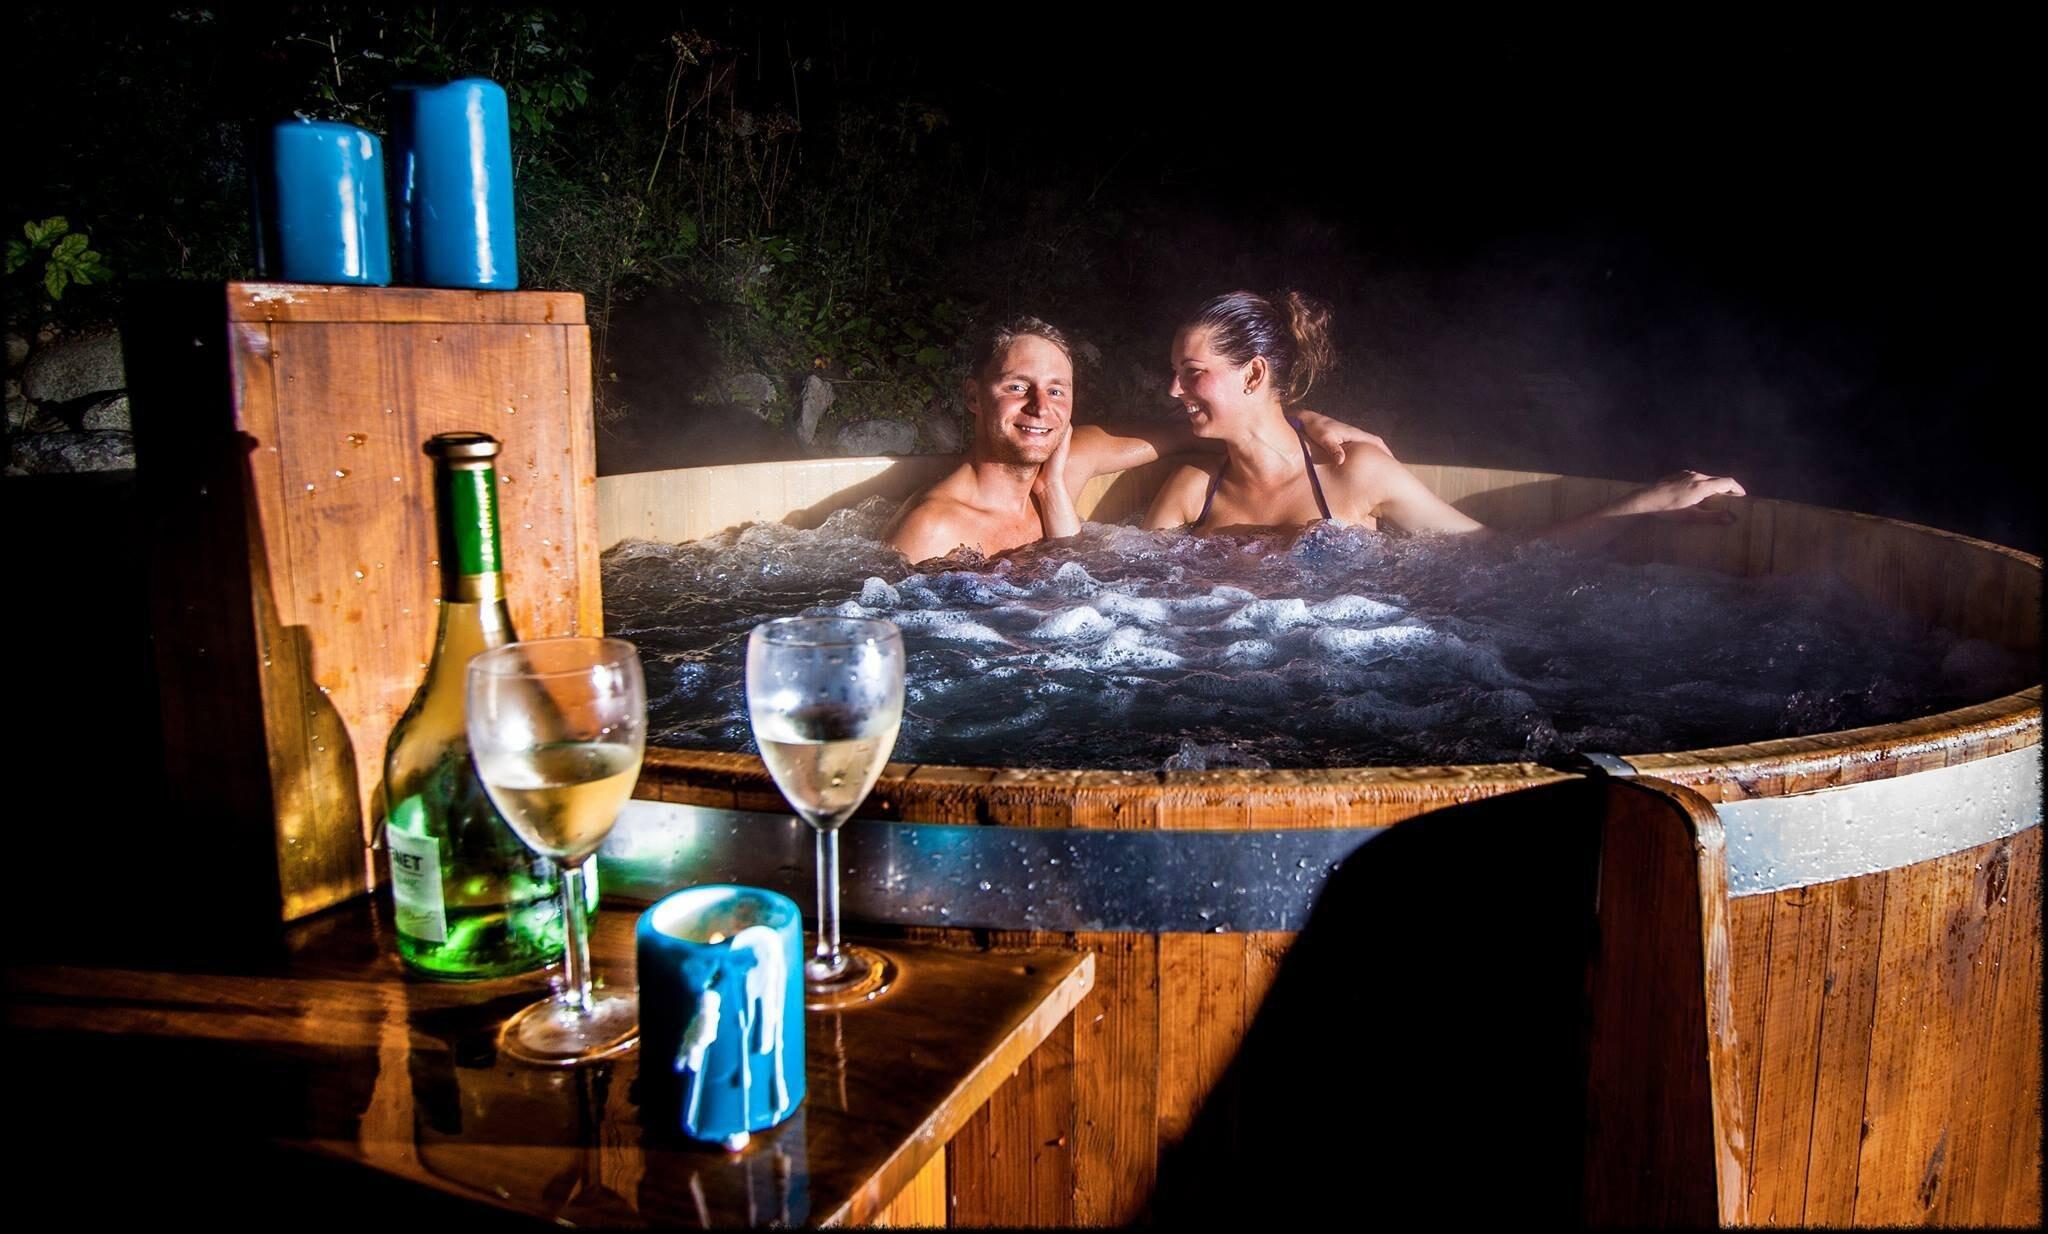 Užijte si relaxaci ve finské kádi